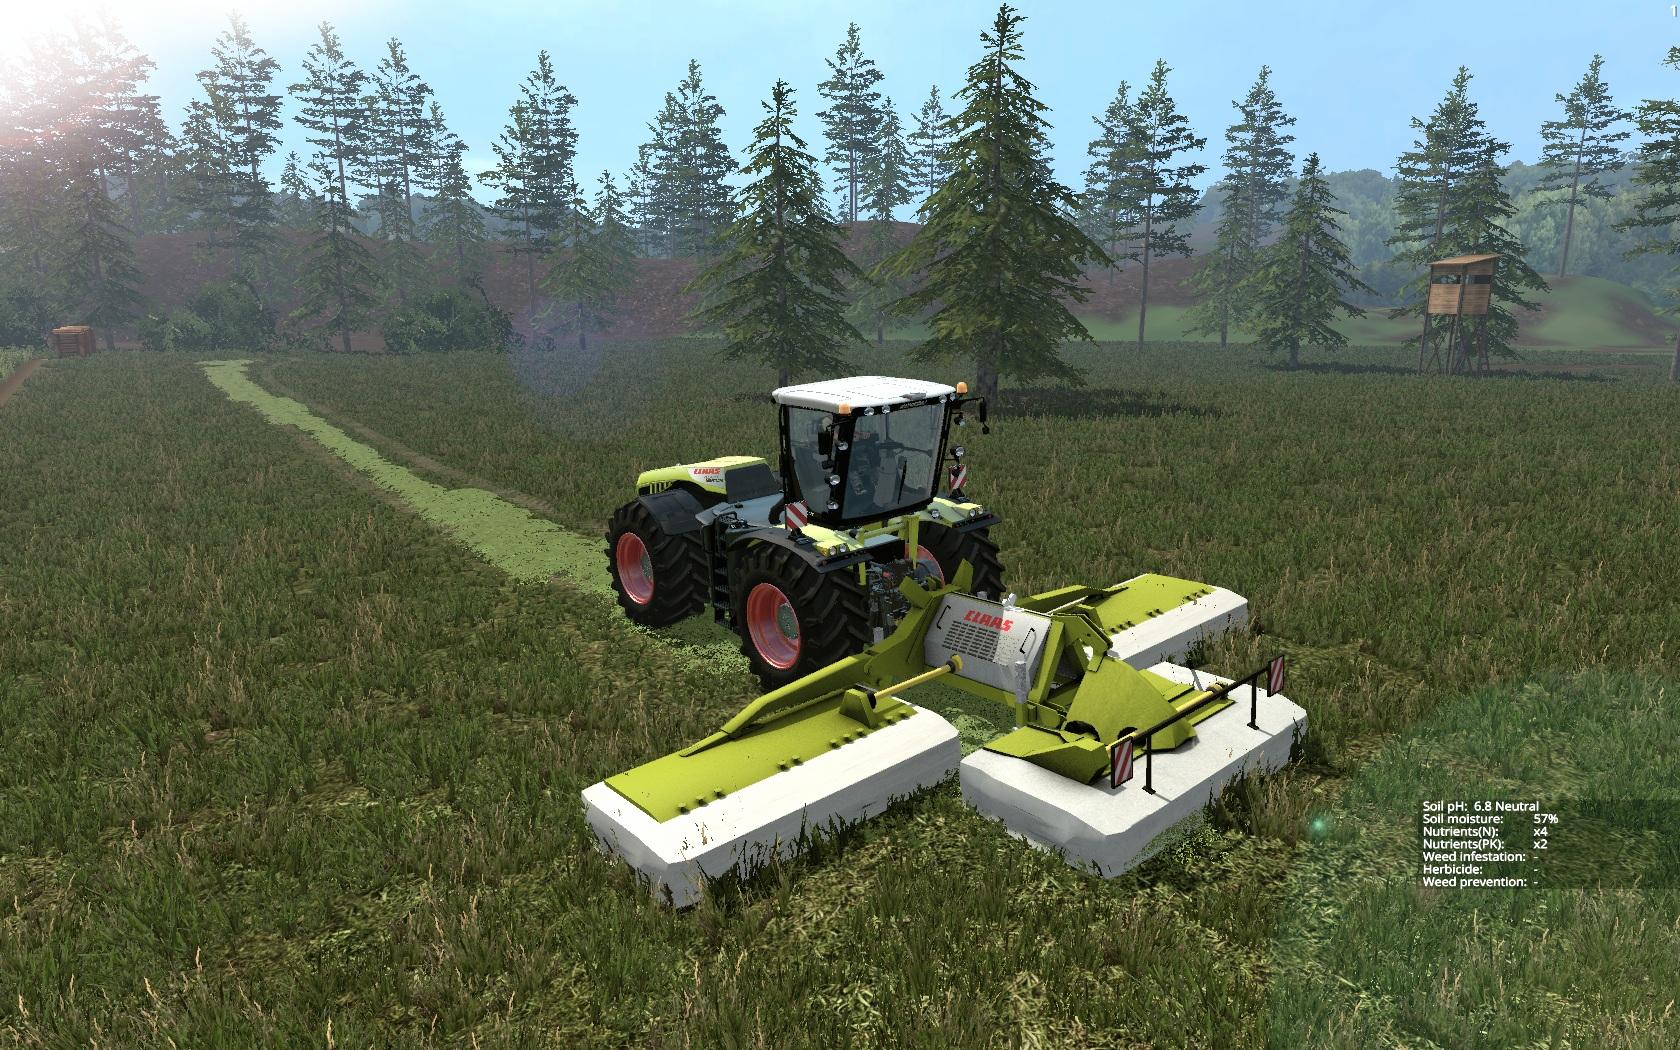 Claas Disco 9300C FS 2015 - Farming simulator 2015 / 15 LS mod: www.farming2015mods.com/farming-simulator-2015/implements-tools...